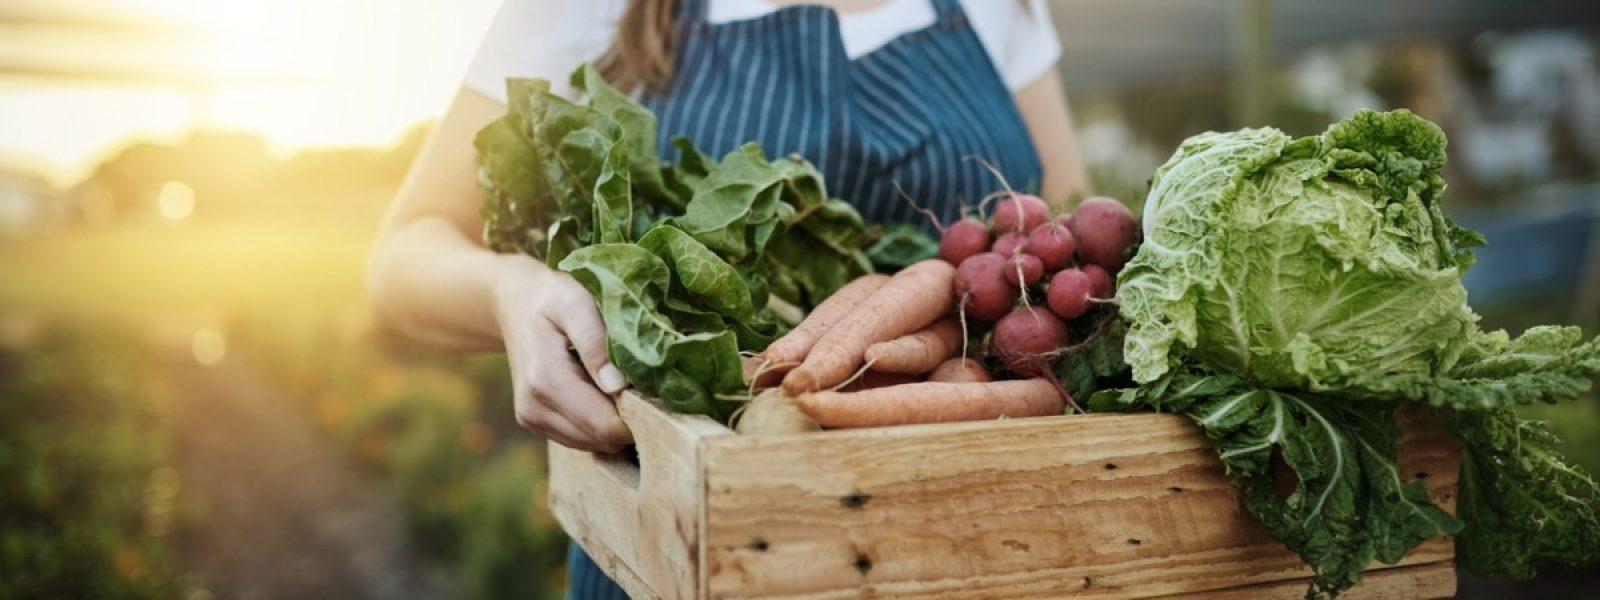 Récolte agriculture bio